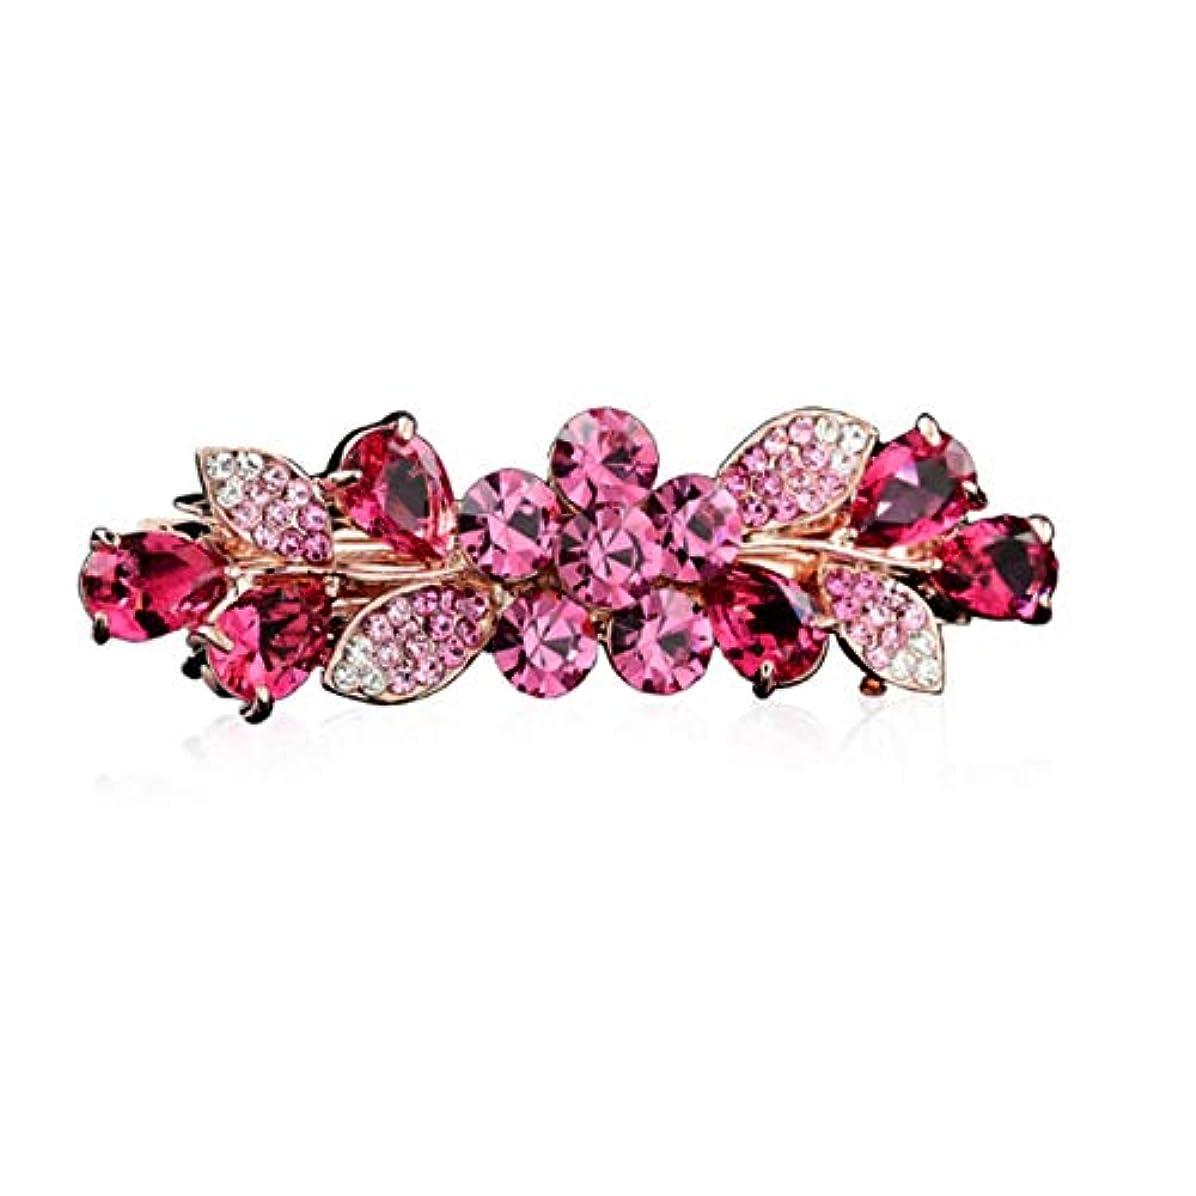 調停する超高層ビルクラウドヘアクリップ、ヘアピン、ヘアグリップ、ヘアグリップ、大人用装身具ヘアピンヘアピンミディアムスプリングクリップクリップトップクリップ帽子エレガントなヘアアクセサリーパープル、ピンク、ゴールド (Color : Pink,...